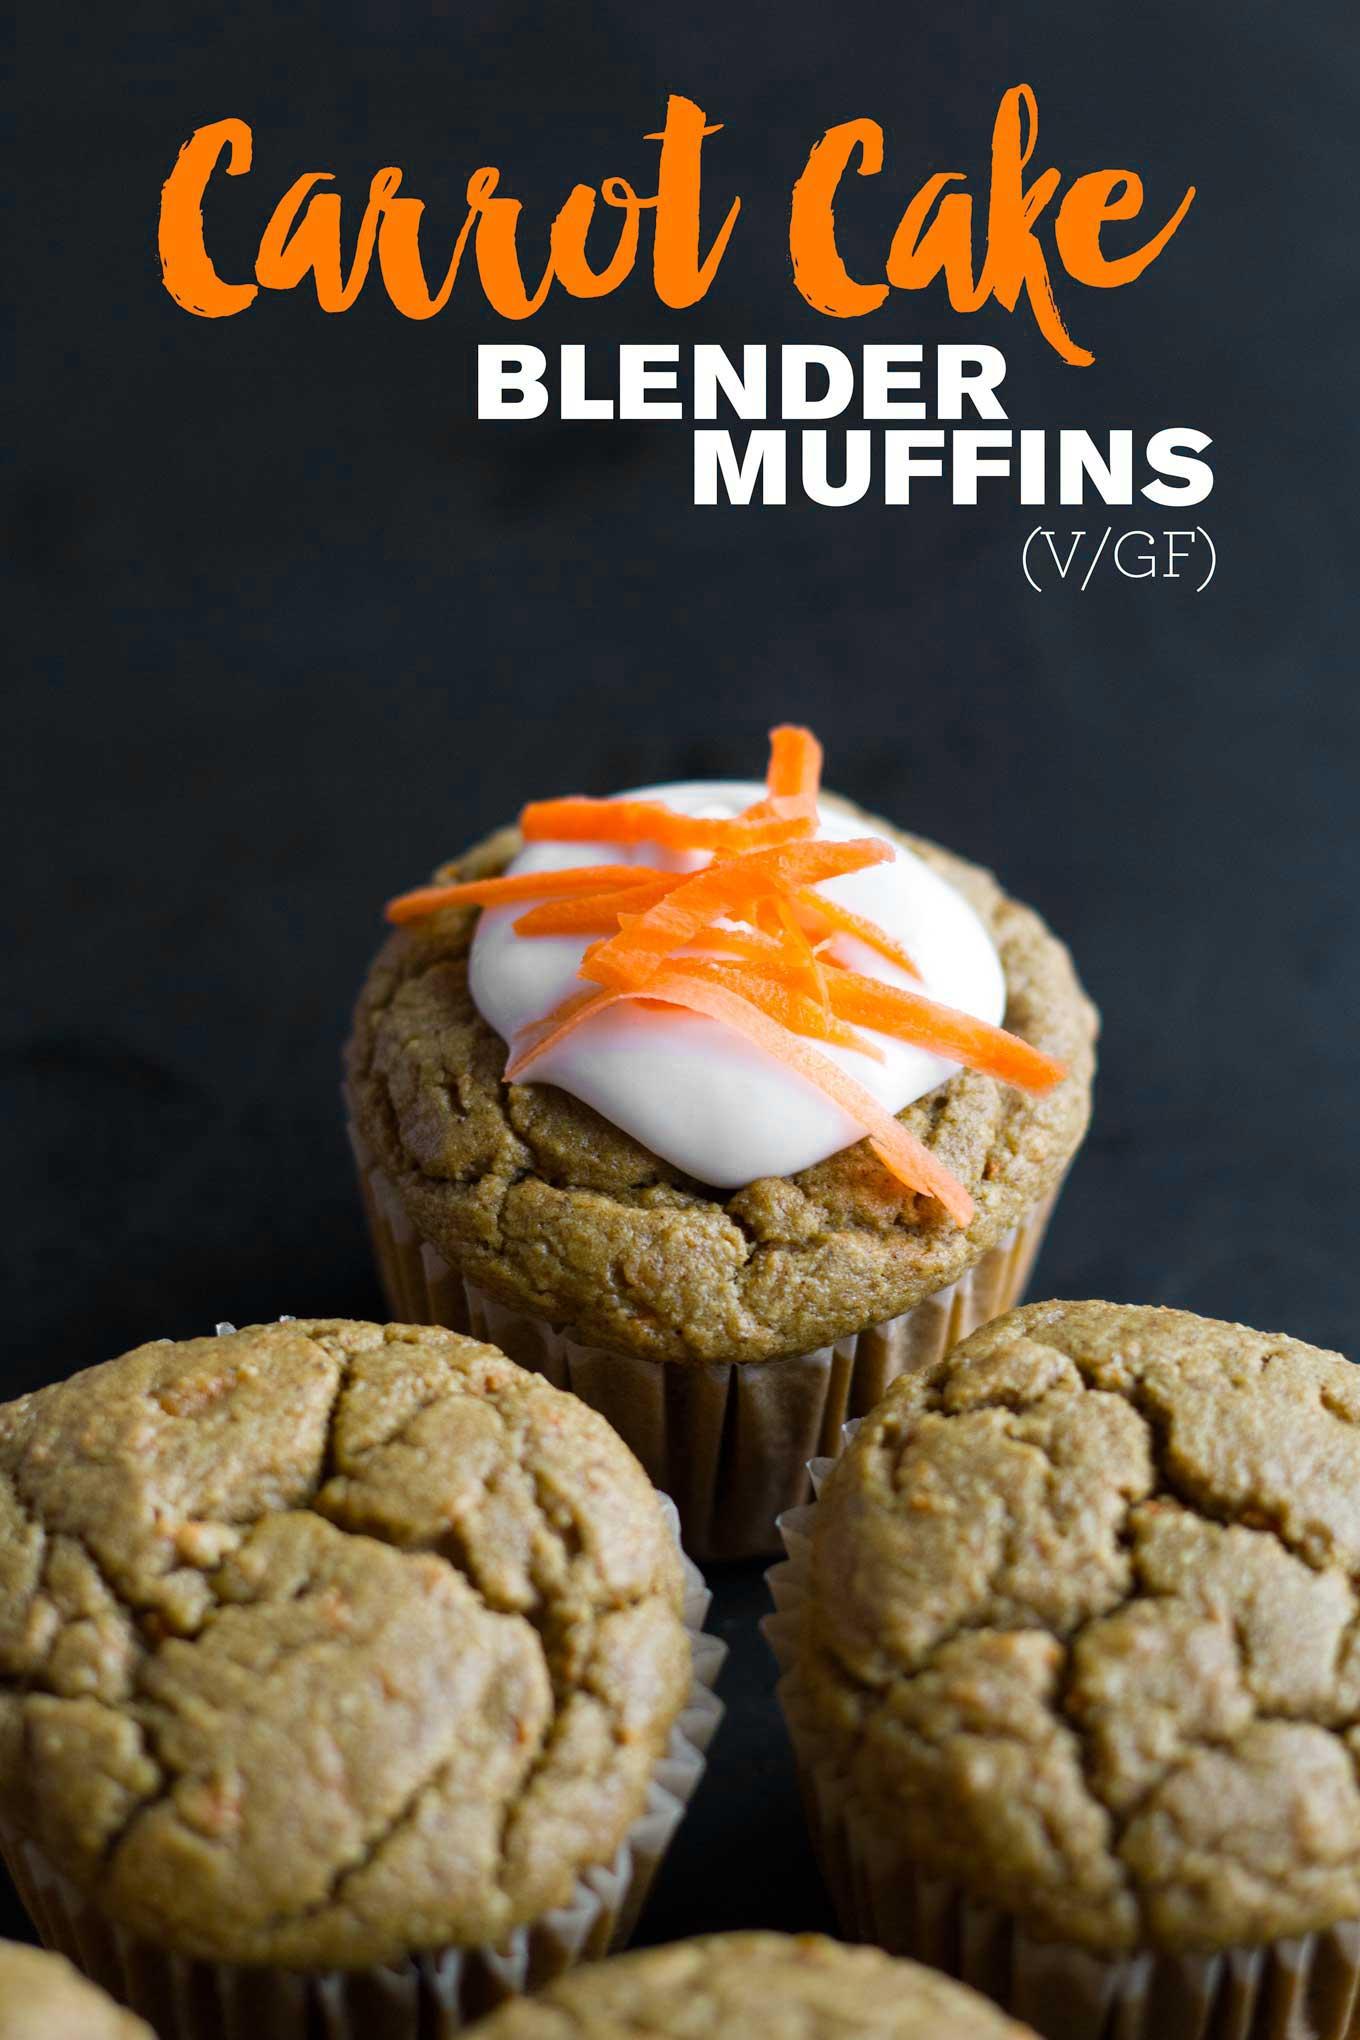 Carrot Cake Blender Muffins (V/GF)